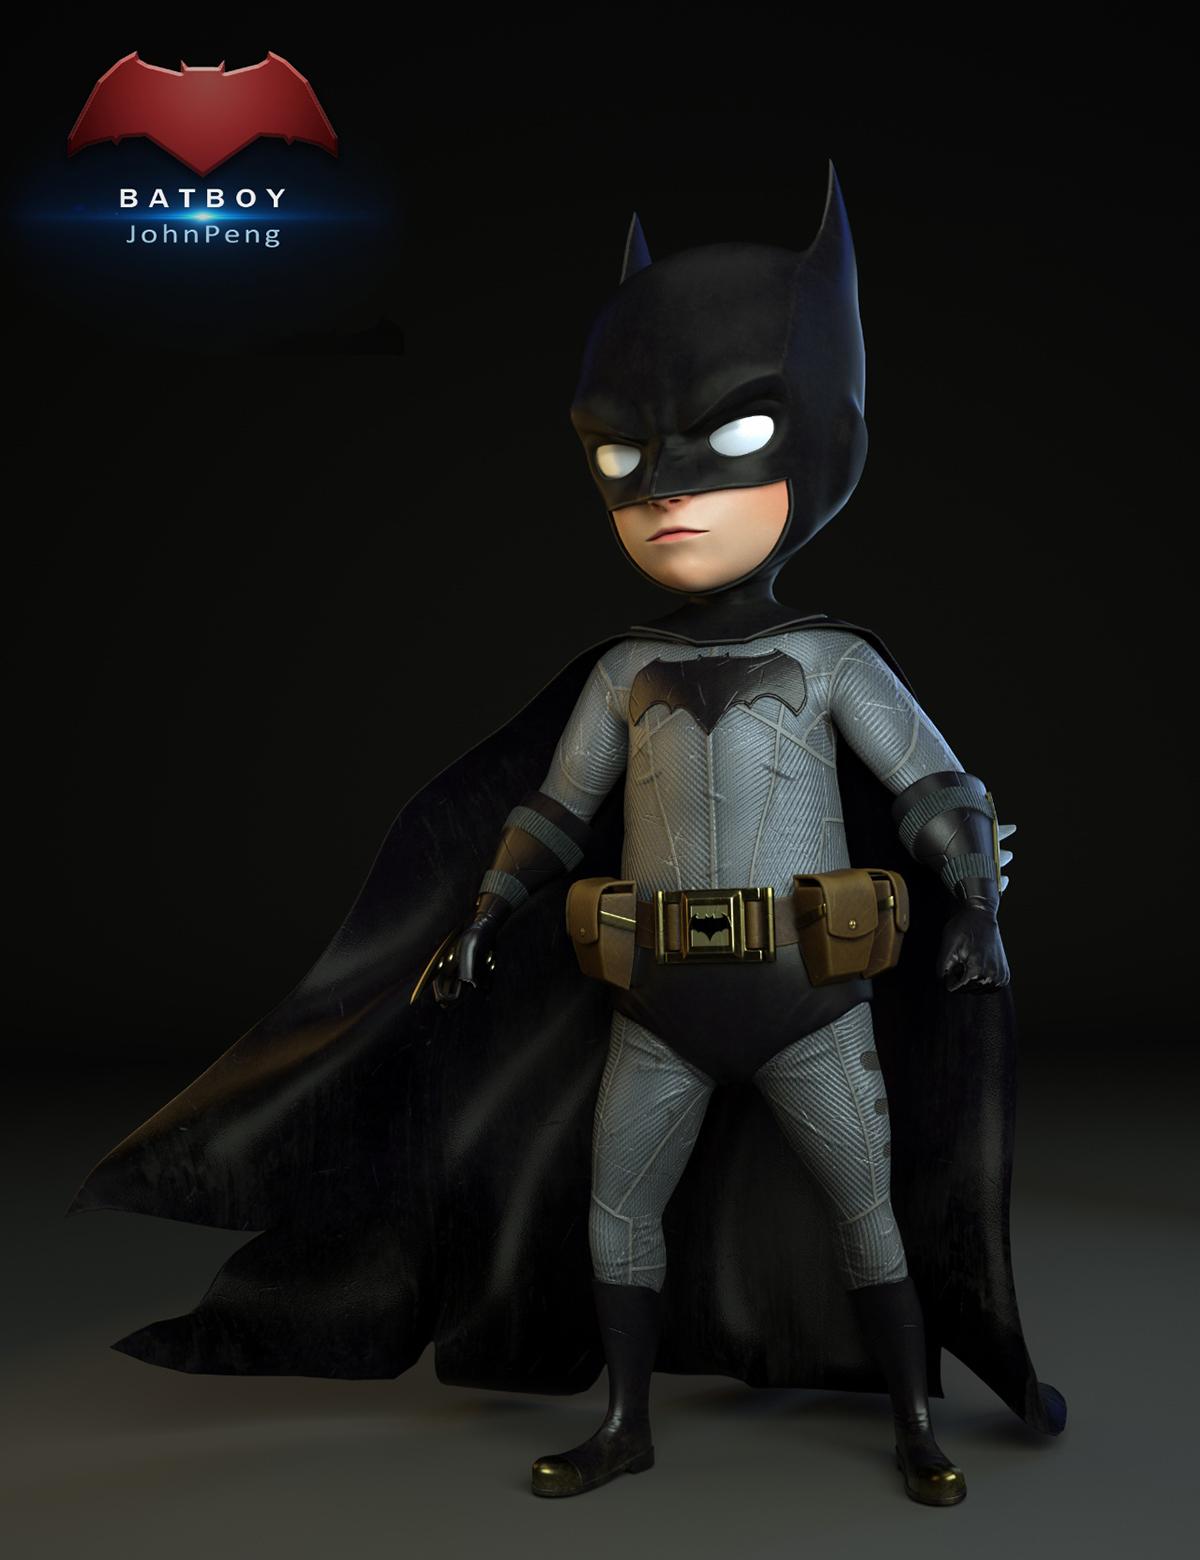 batboy-OC-0206-1.jpg